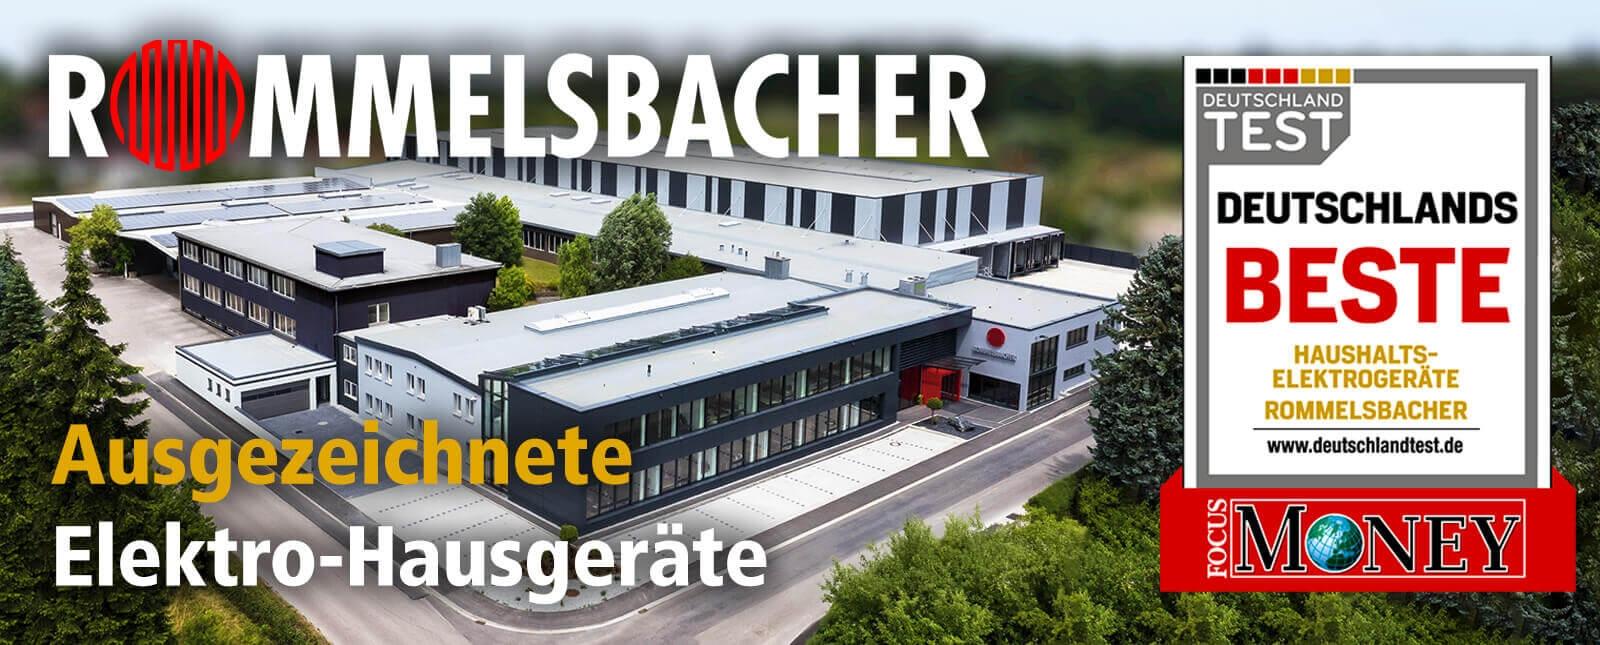 ROMMELSBACHER-ERHÄLT_AUSZEICHNUNG_VON_FOCUS_DEUTSCHLANDS_BESTE